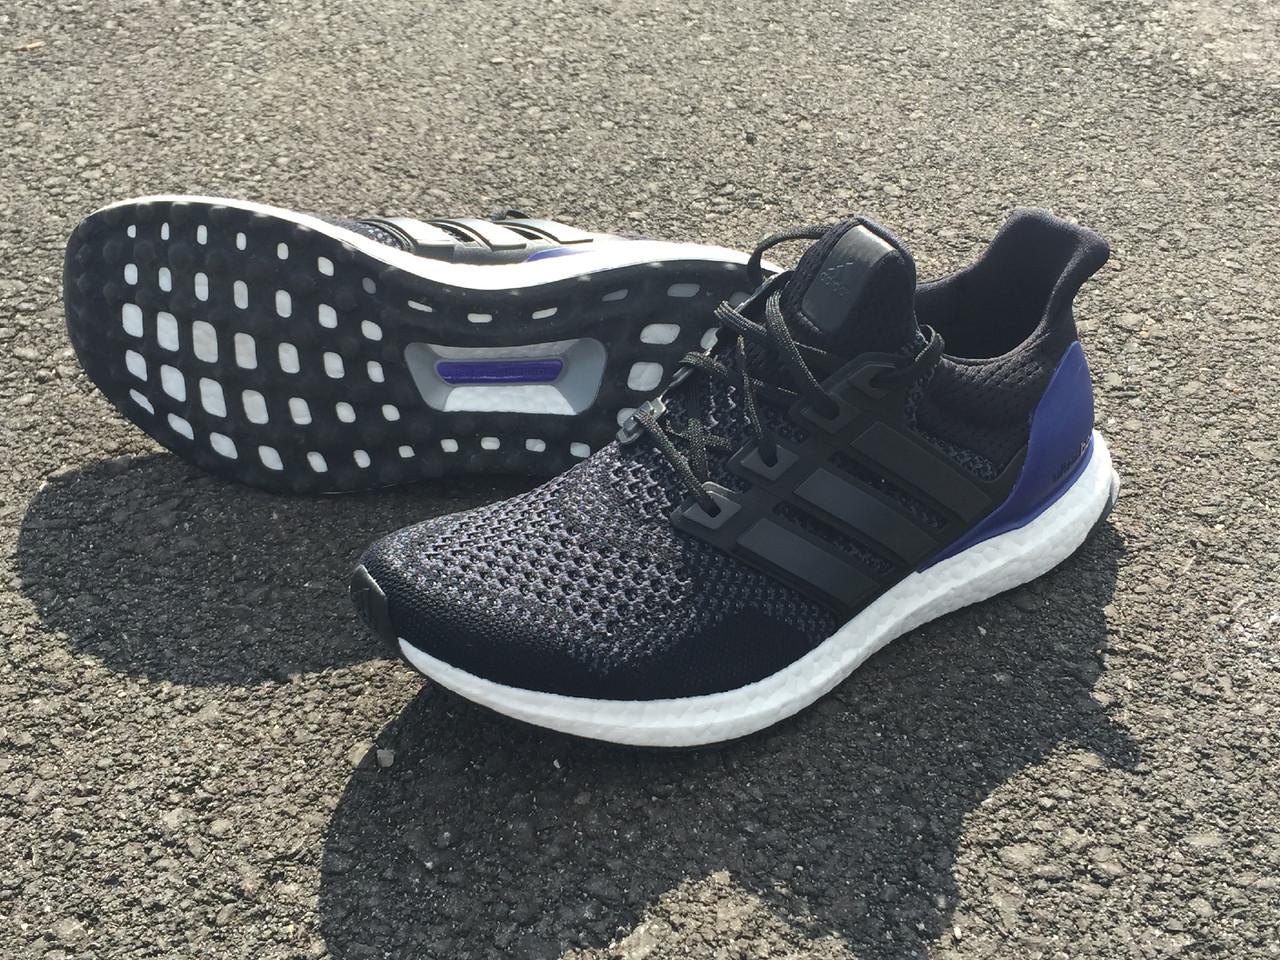 ef936ca768 Review  Adidas Ultra Boost - Correr na Cidade